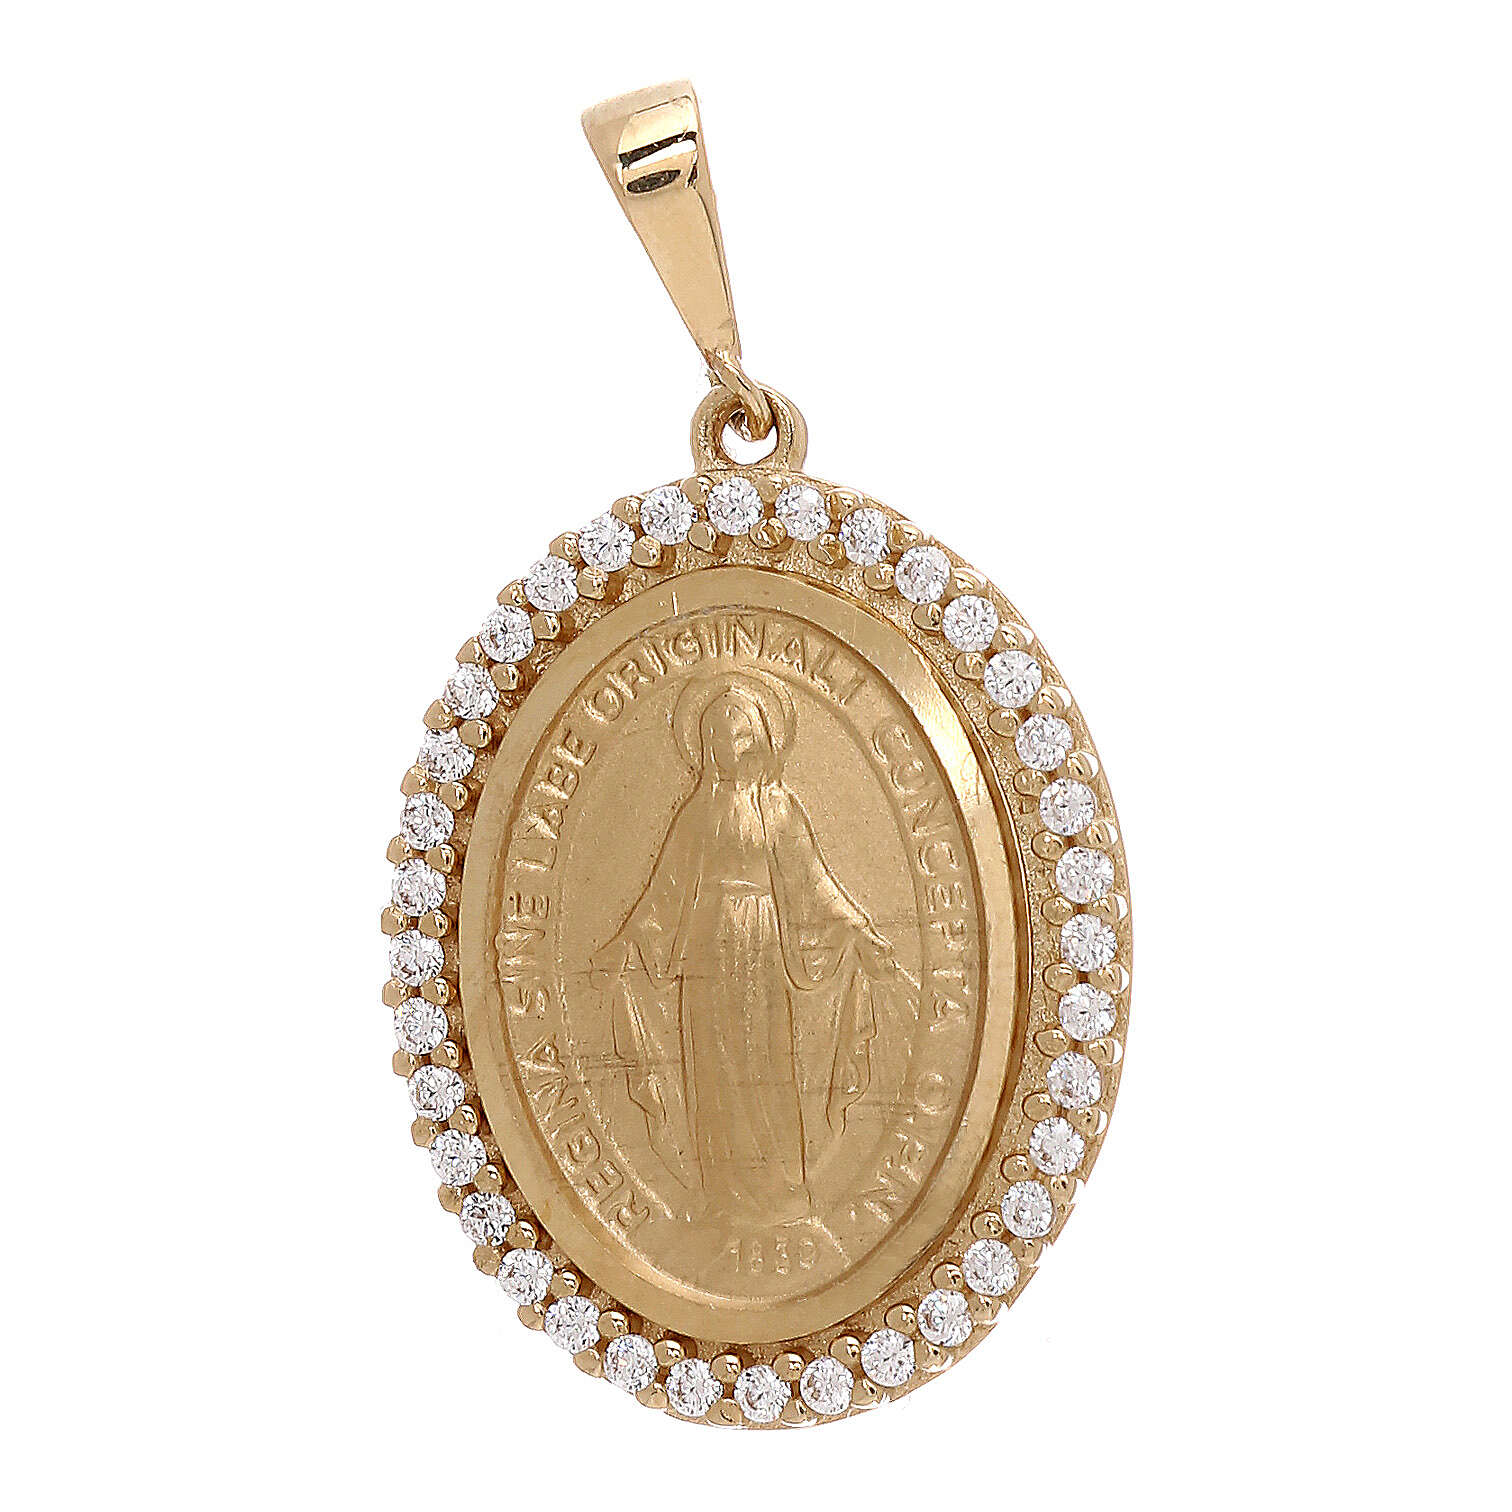 Ciondolo Medaglia Miracolosa oro giallo 18 kt Swarovski 3,4 grammi 4